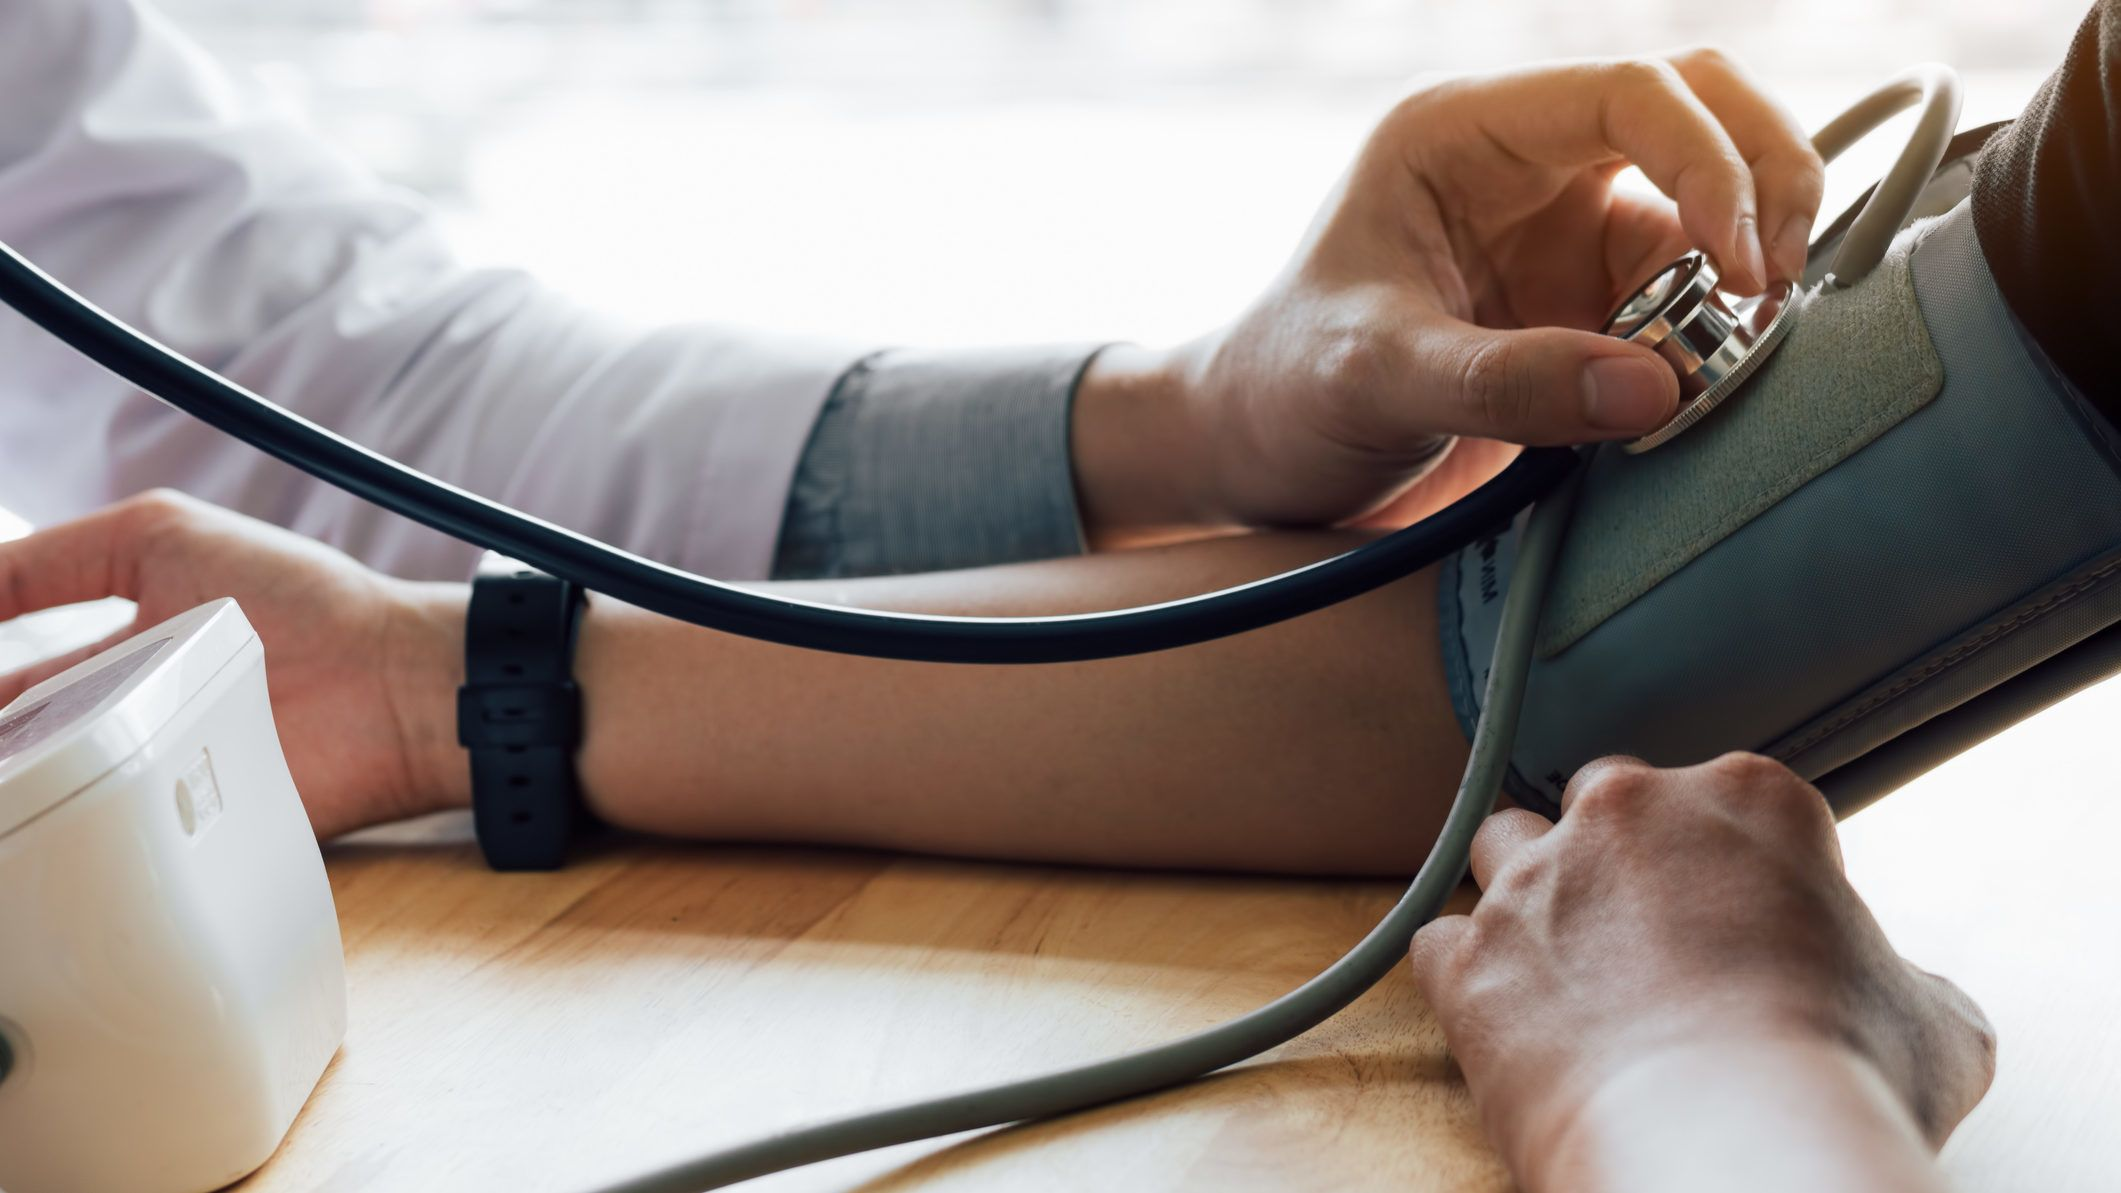 magas vérnyomás és pressoterápia víz transzfúziója magas vérnyomás miatt